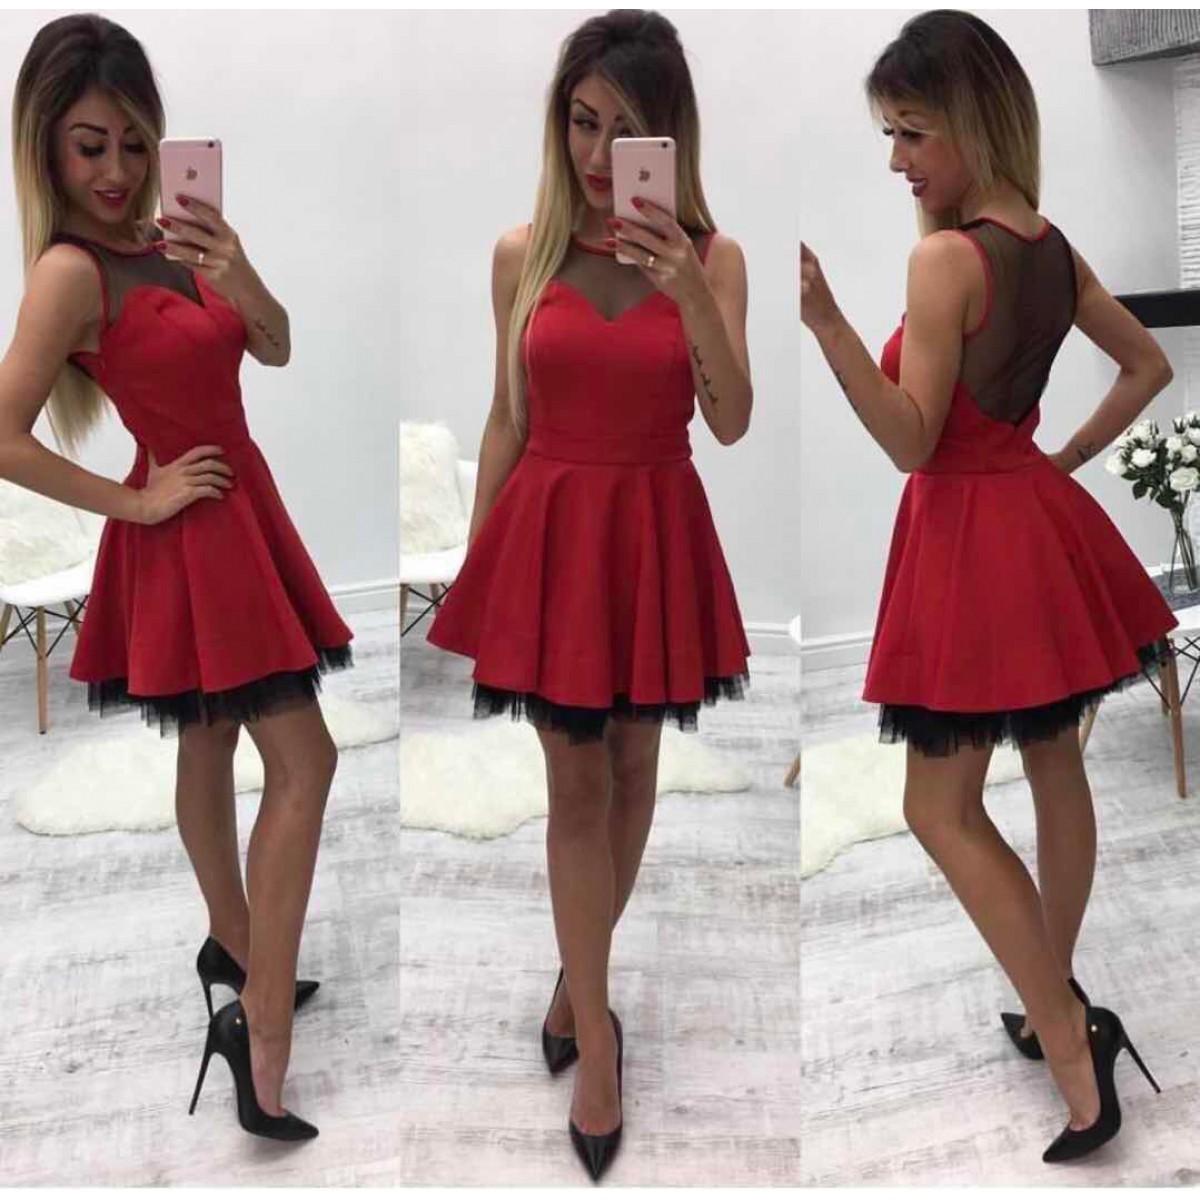 249f6bf4845 Дамска червена рокля - 3016 - Damski.bg